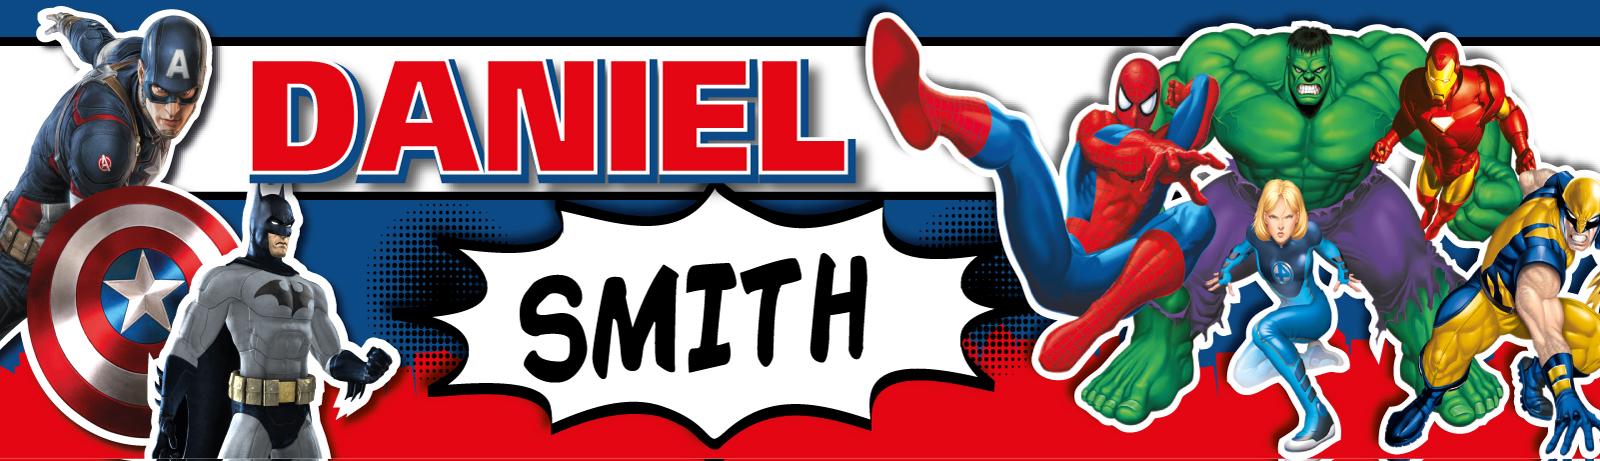 comic-superheroes-school-label.jpg